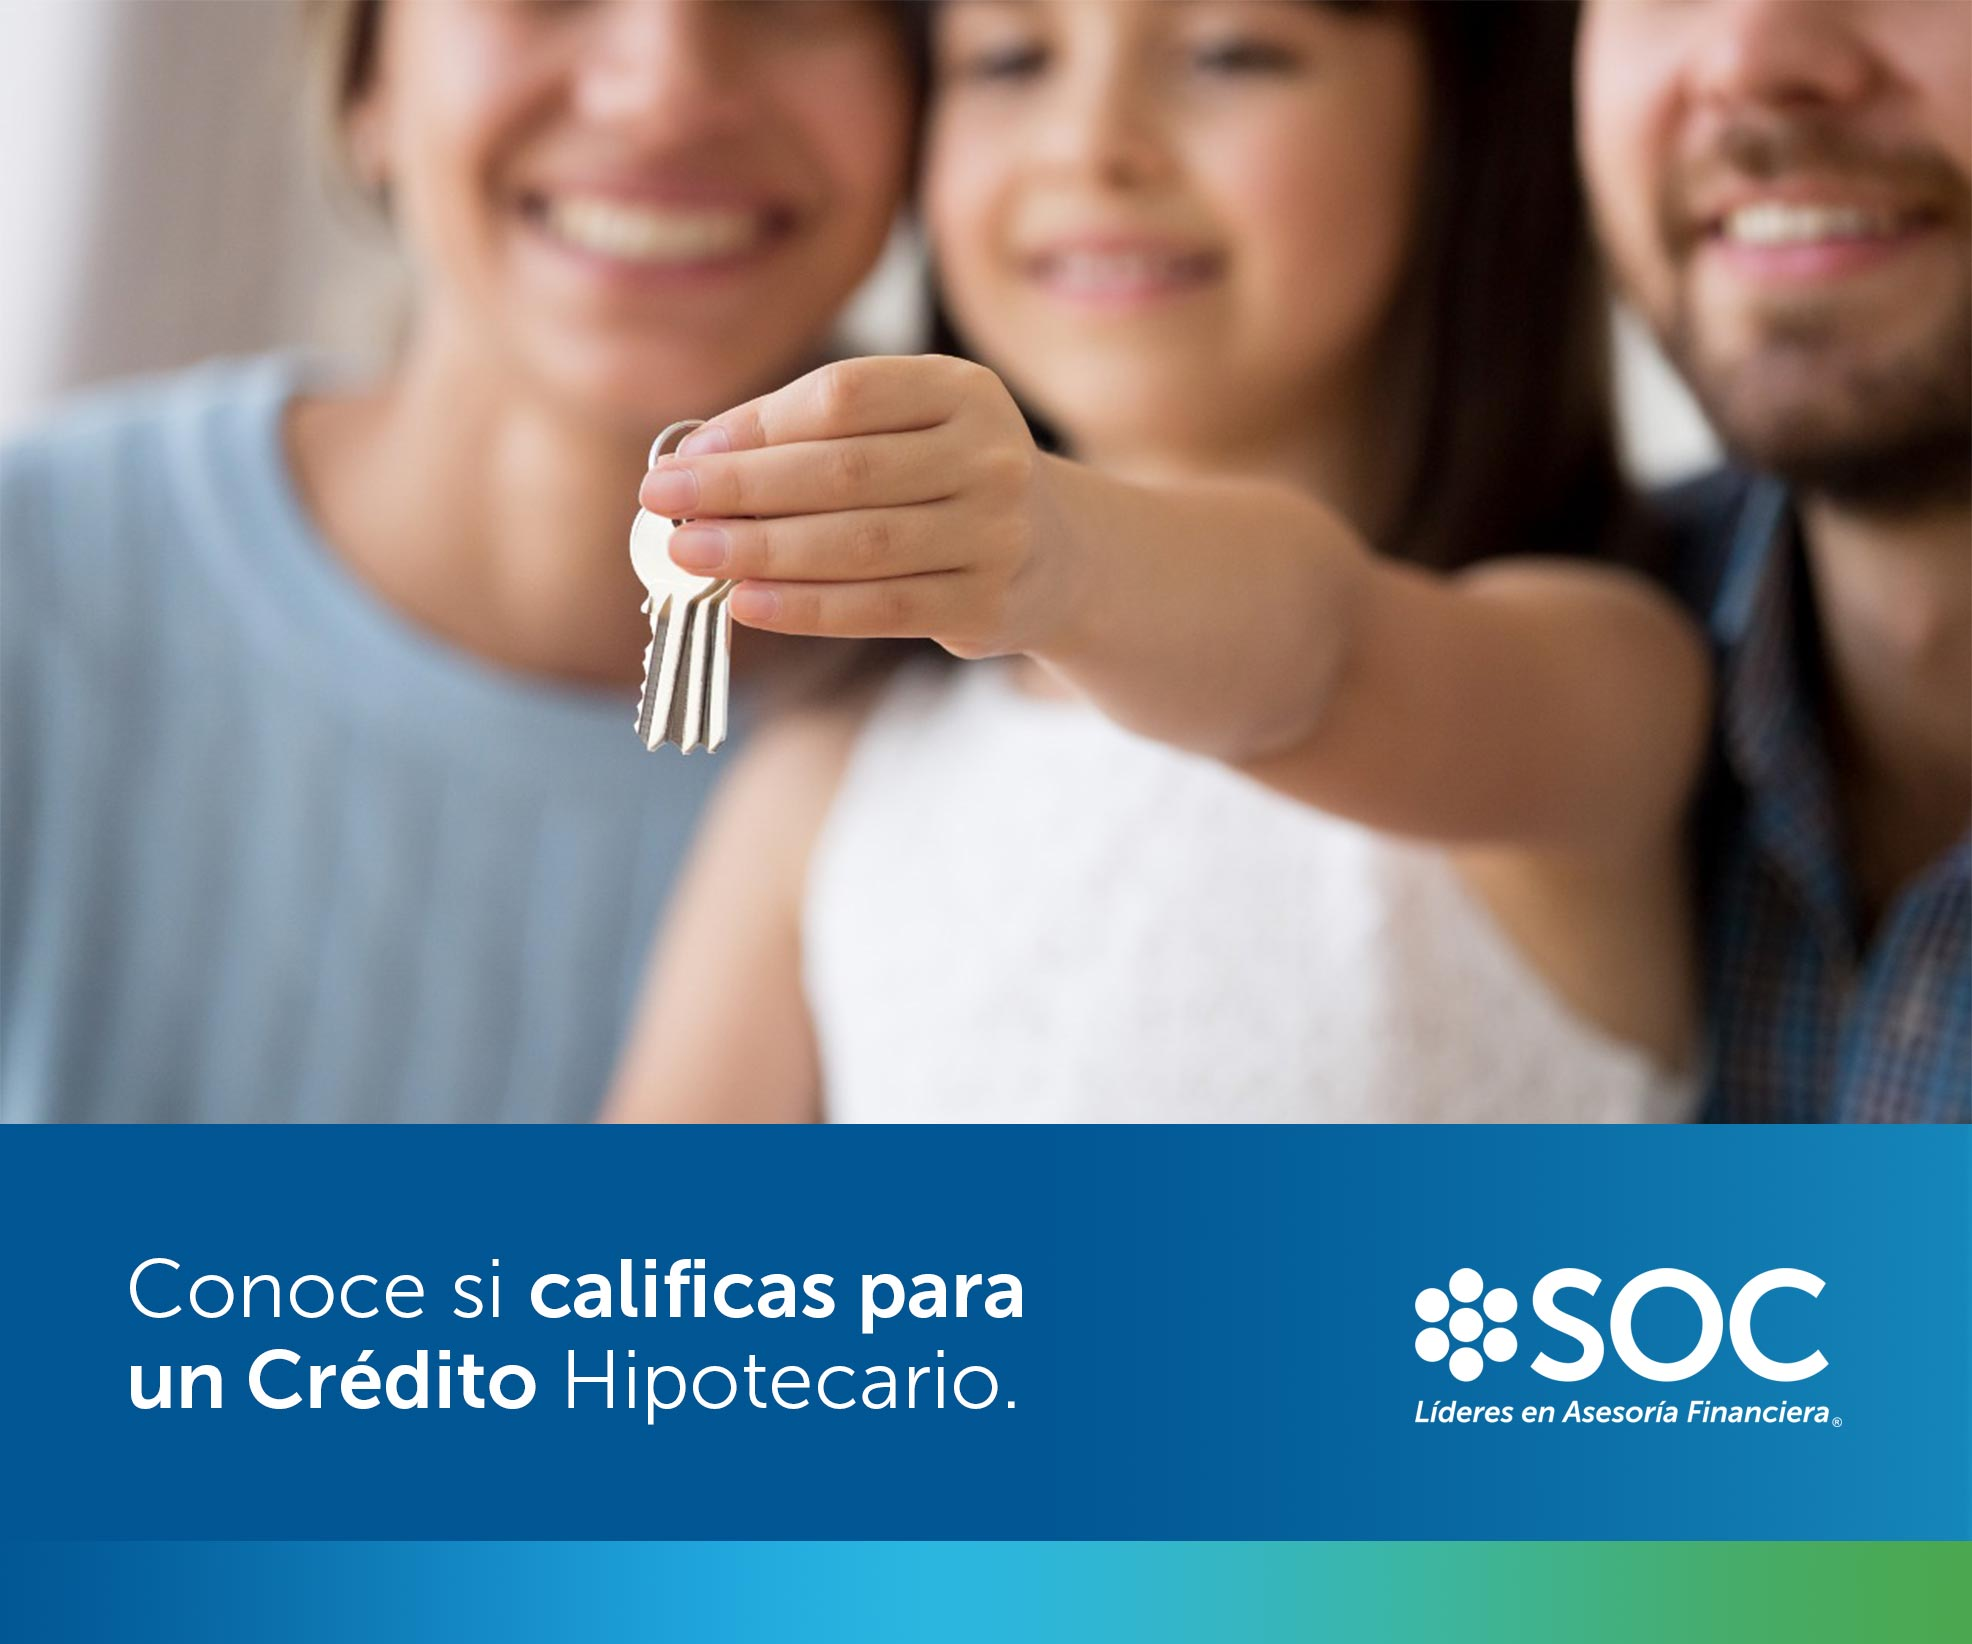 credito-hipotecario